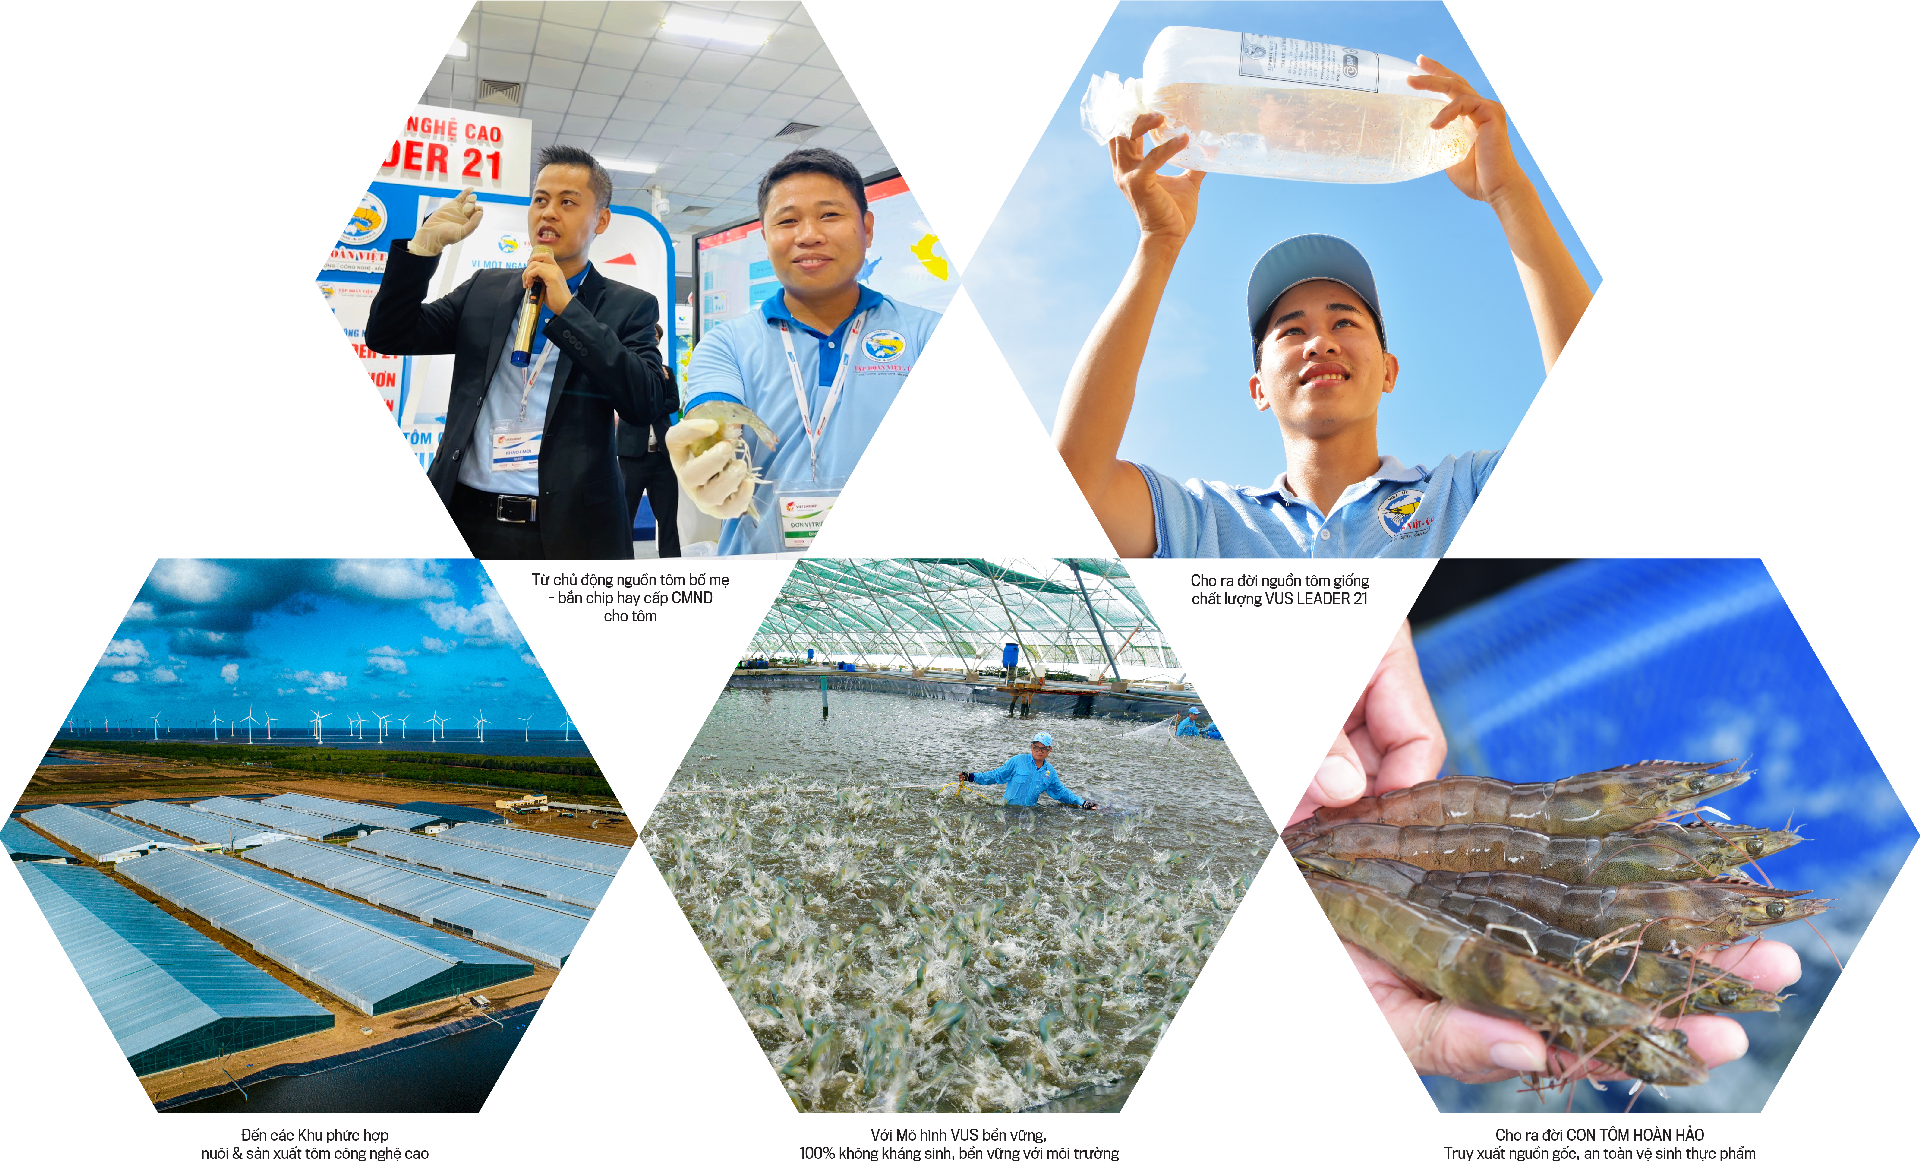 Tập đoàn Việt Úc: 20 năm phát triển ngành tôm công nghệ cao - Ảnh 3